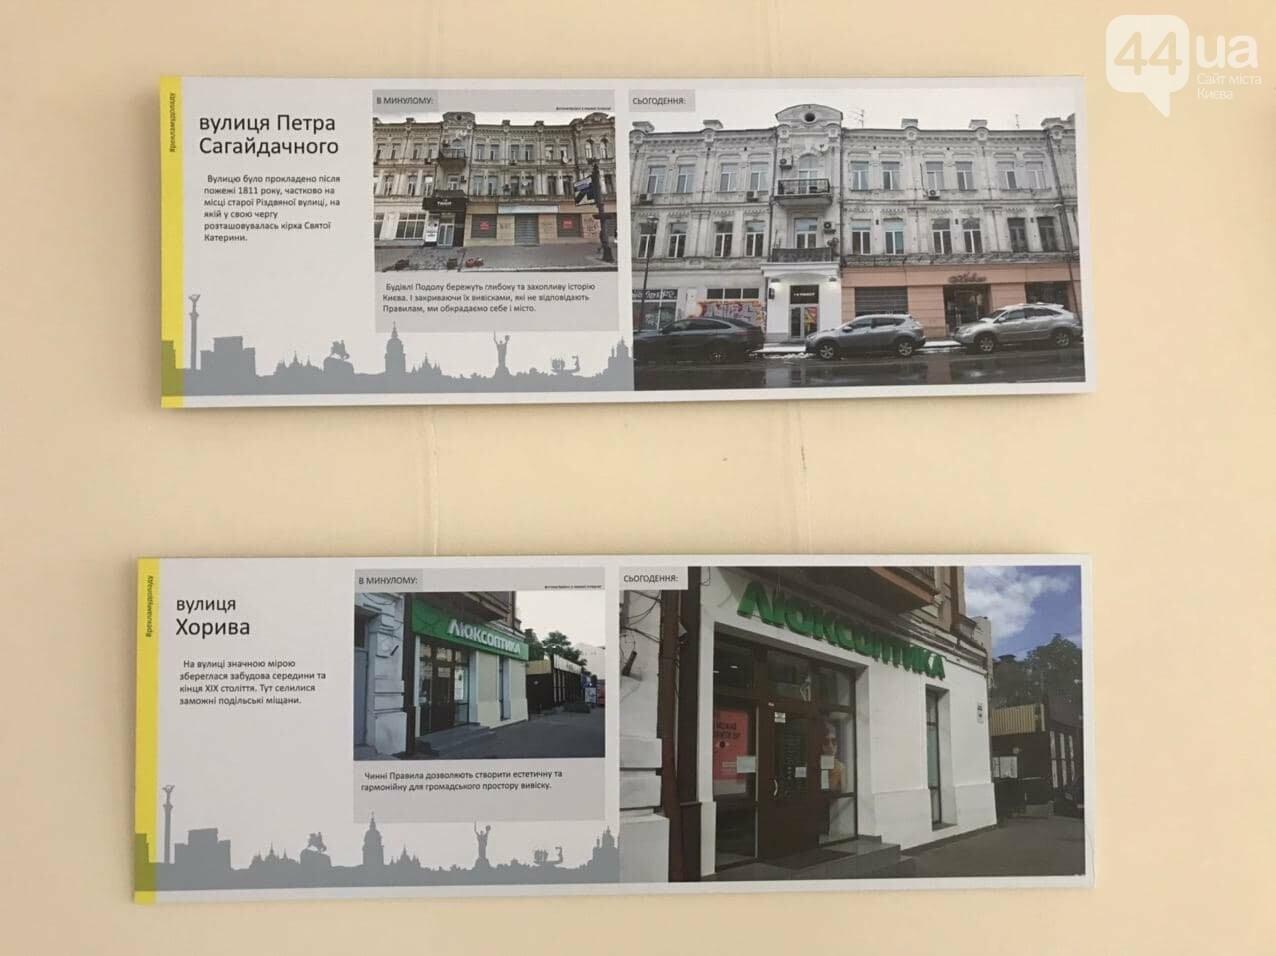 Киев в билбордах и вывесках: почему столица утопает в хаотичной рекламе и как этому помешать, фото-5